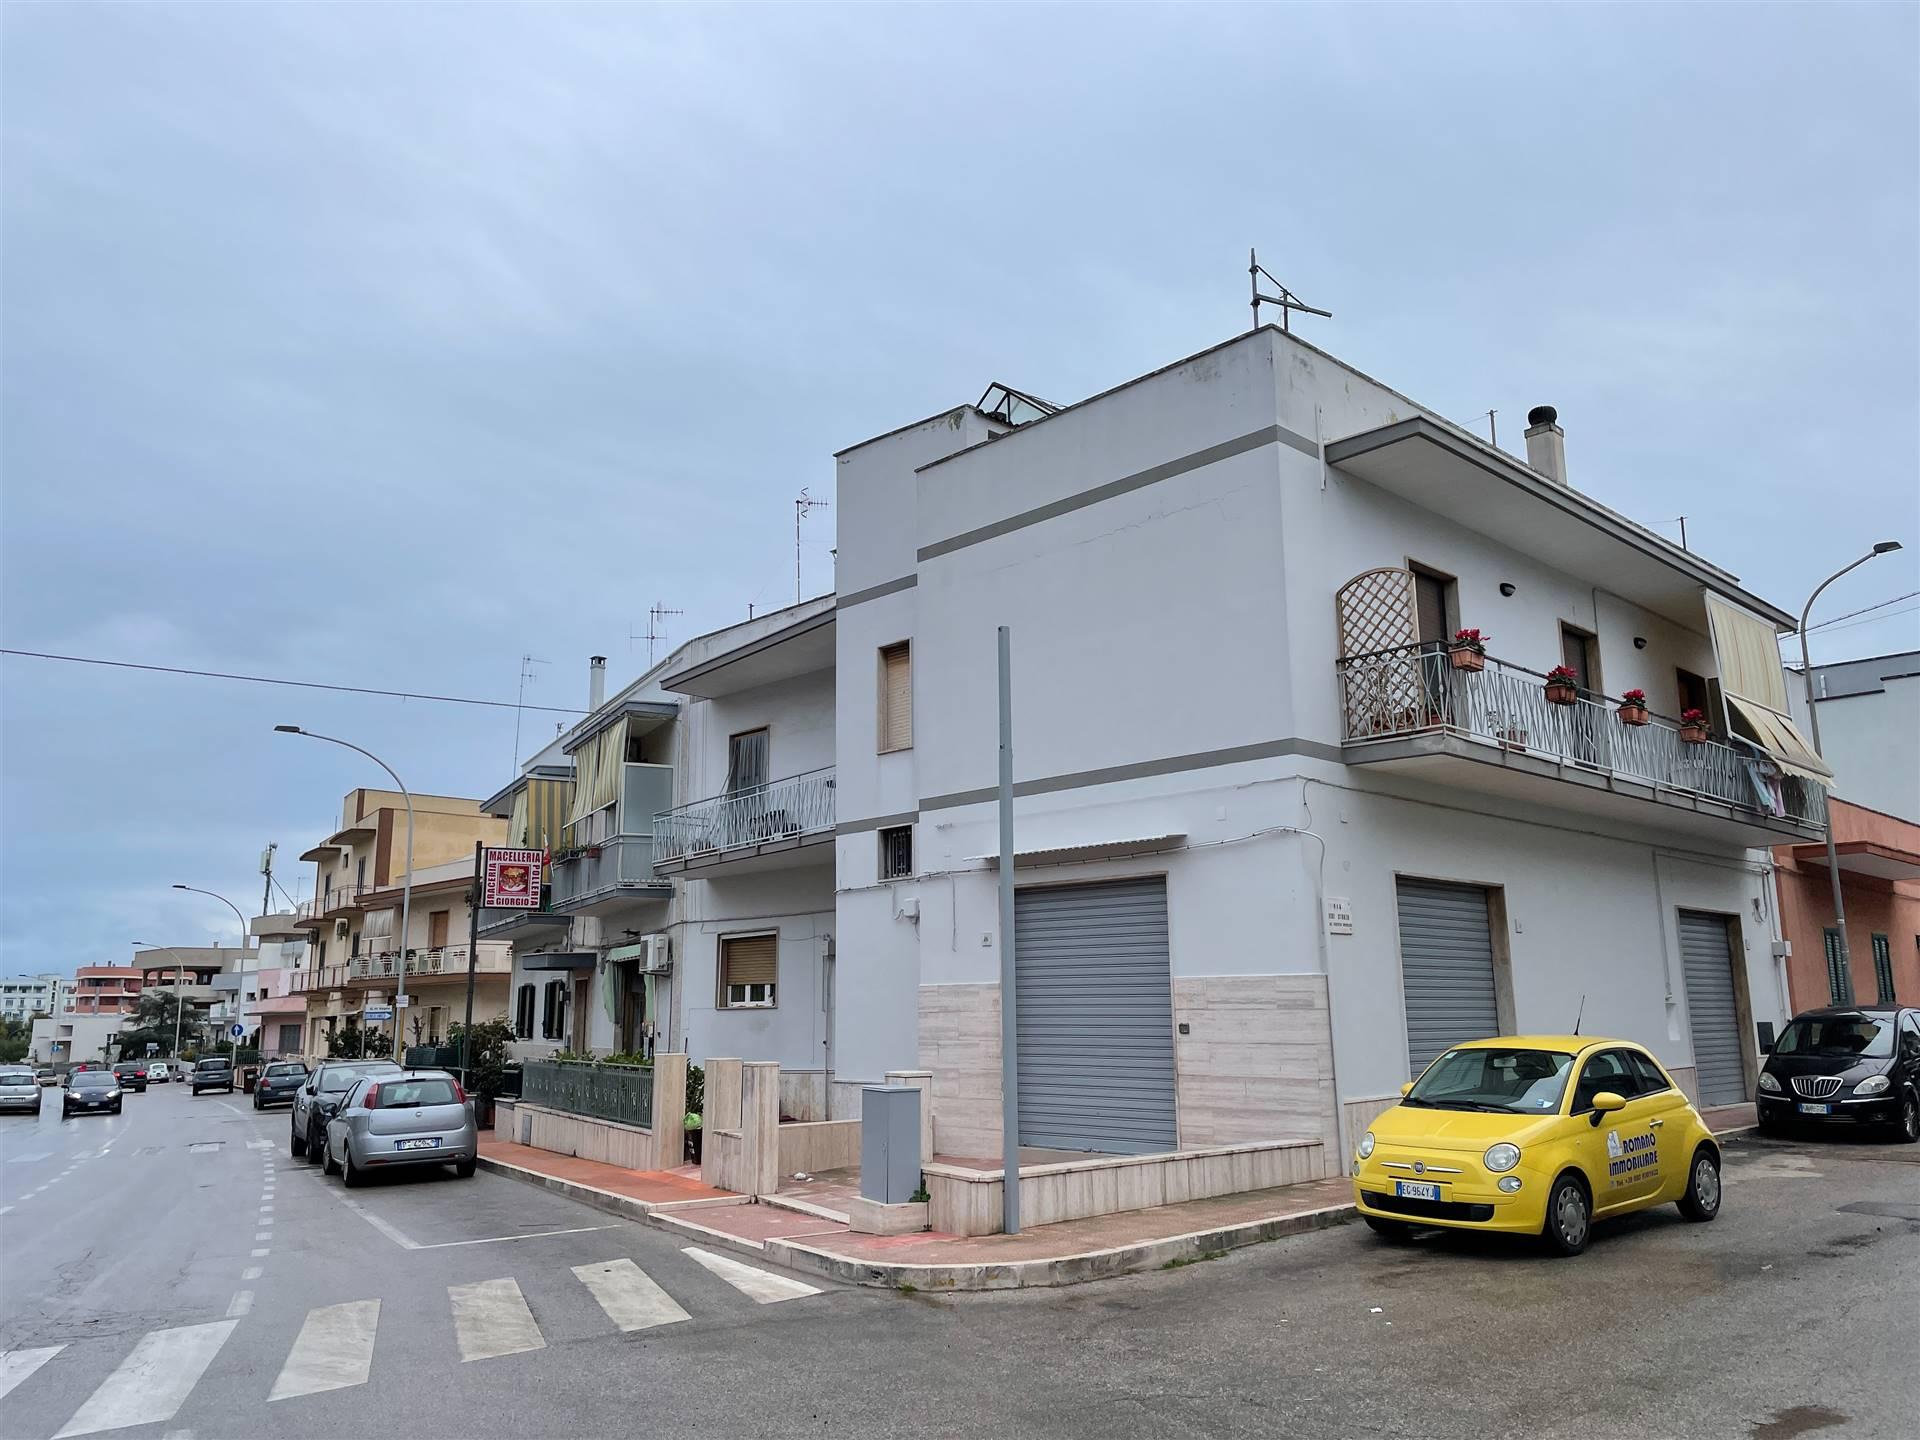 Negozio / Locale in affitto a Monopoli, 1 locali, prezzo € 950 | CambioCasa.it